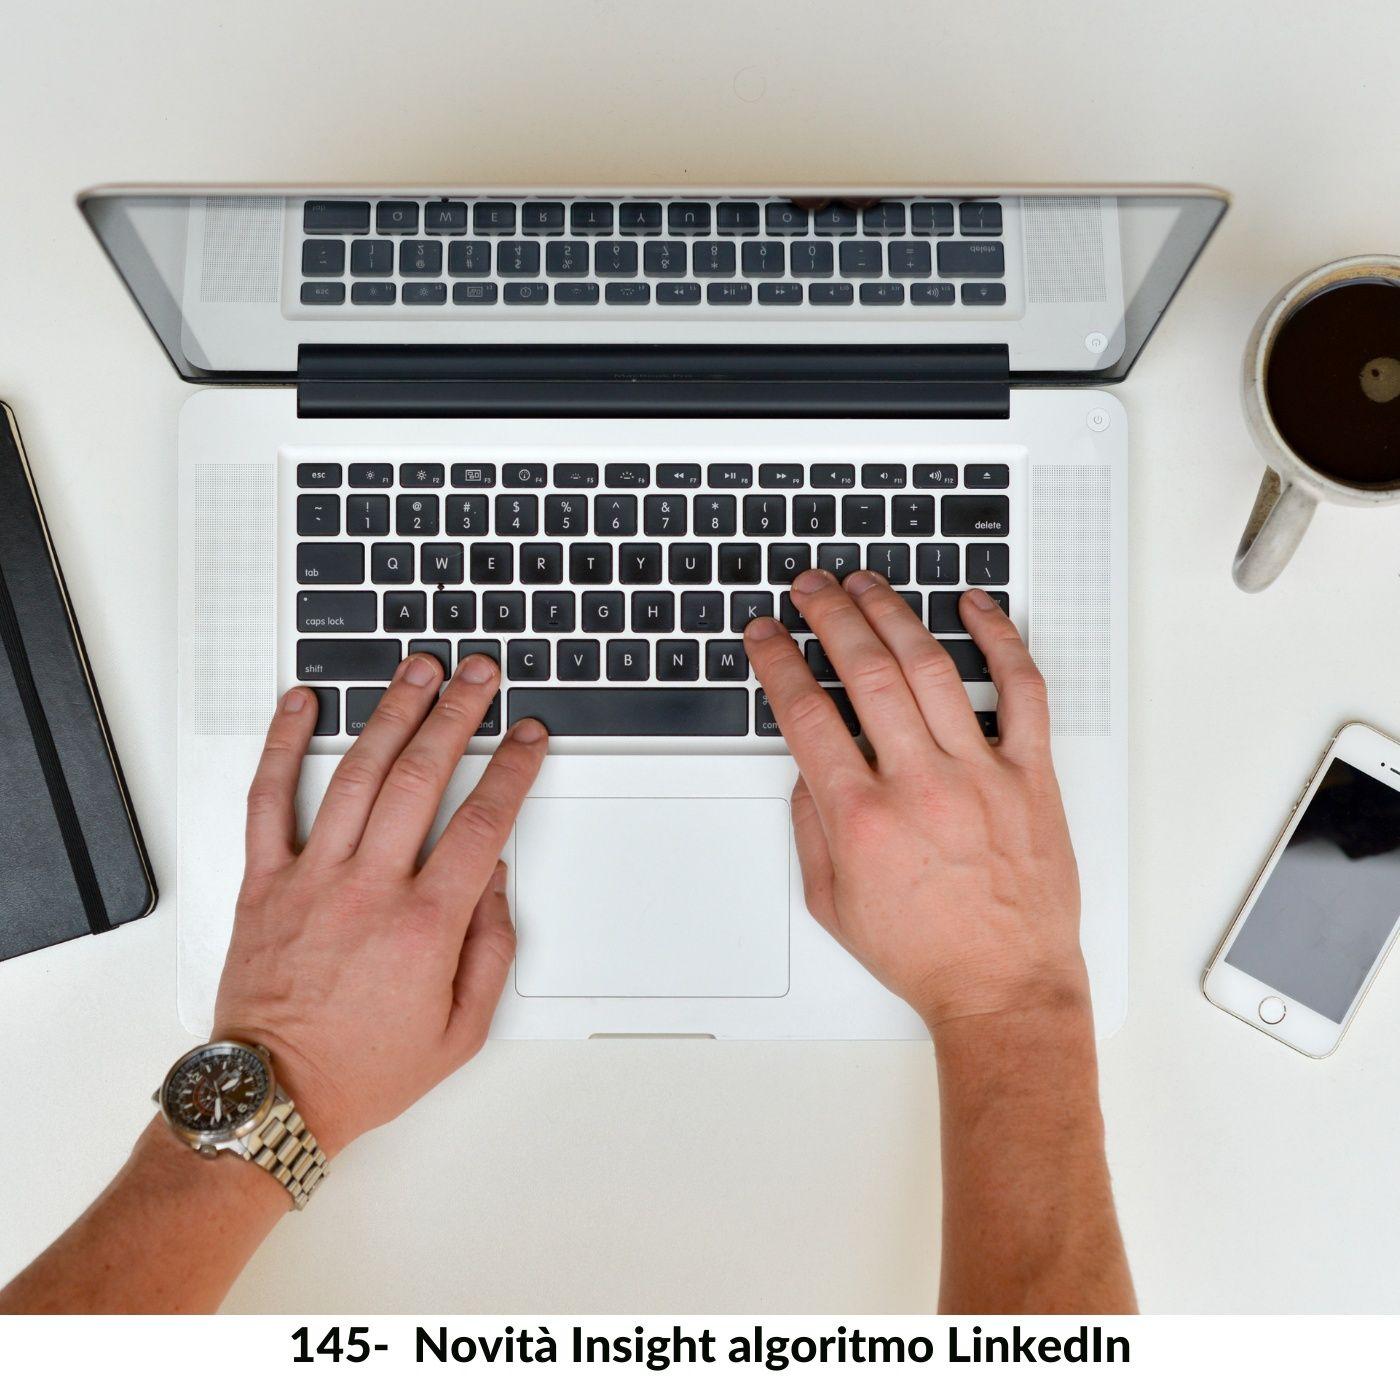 144- Novità Insight Algoritmo di LinkedIn